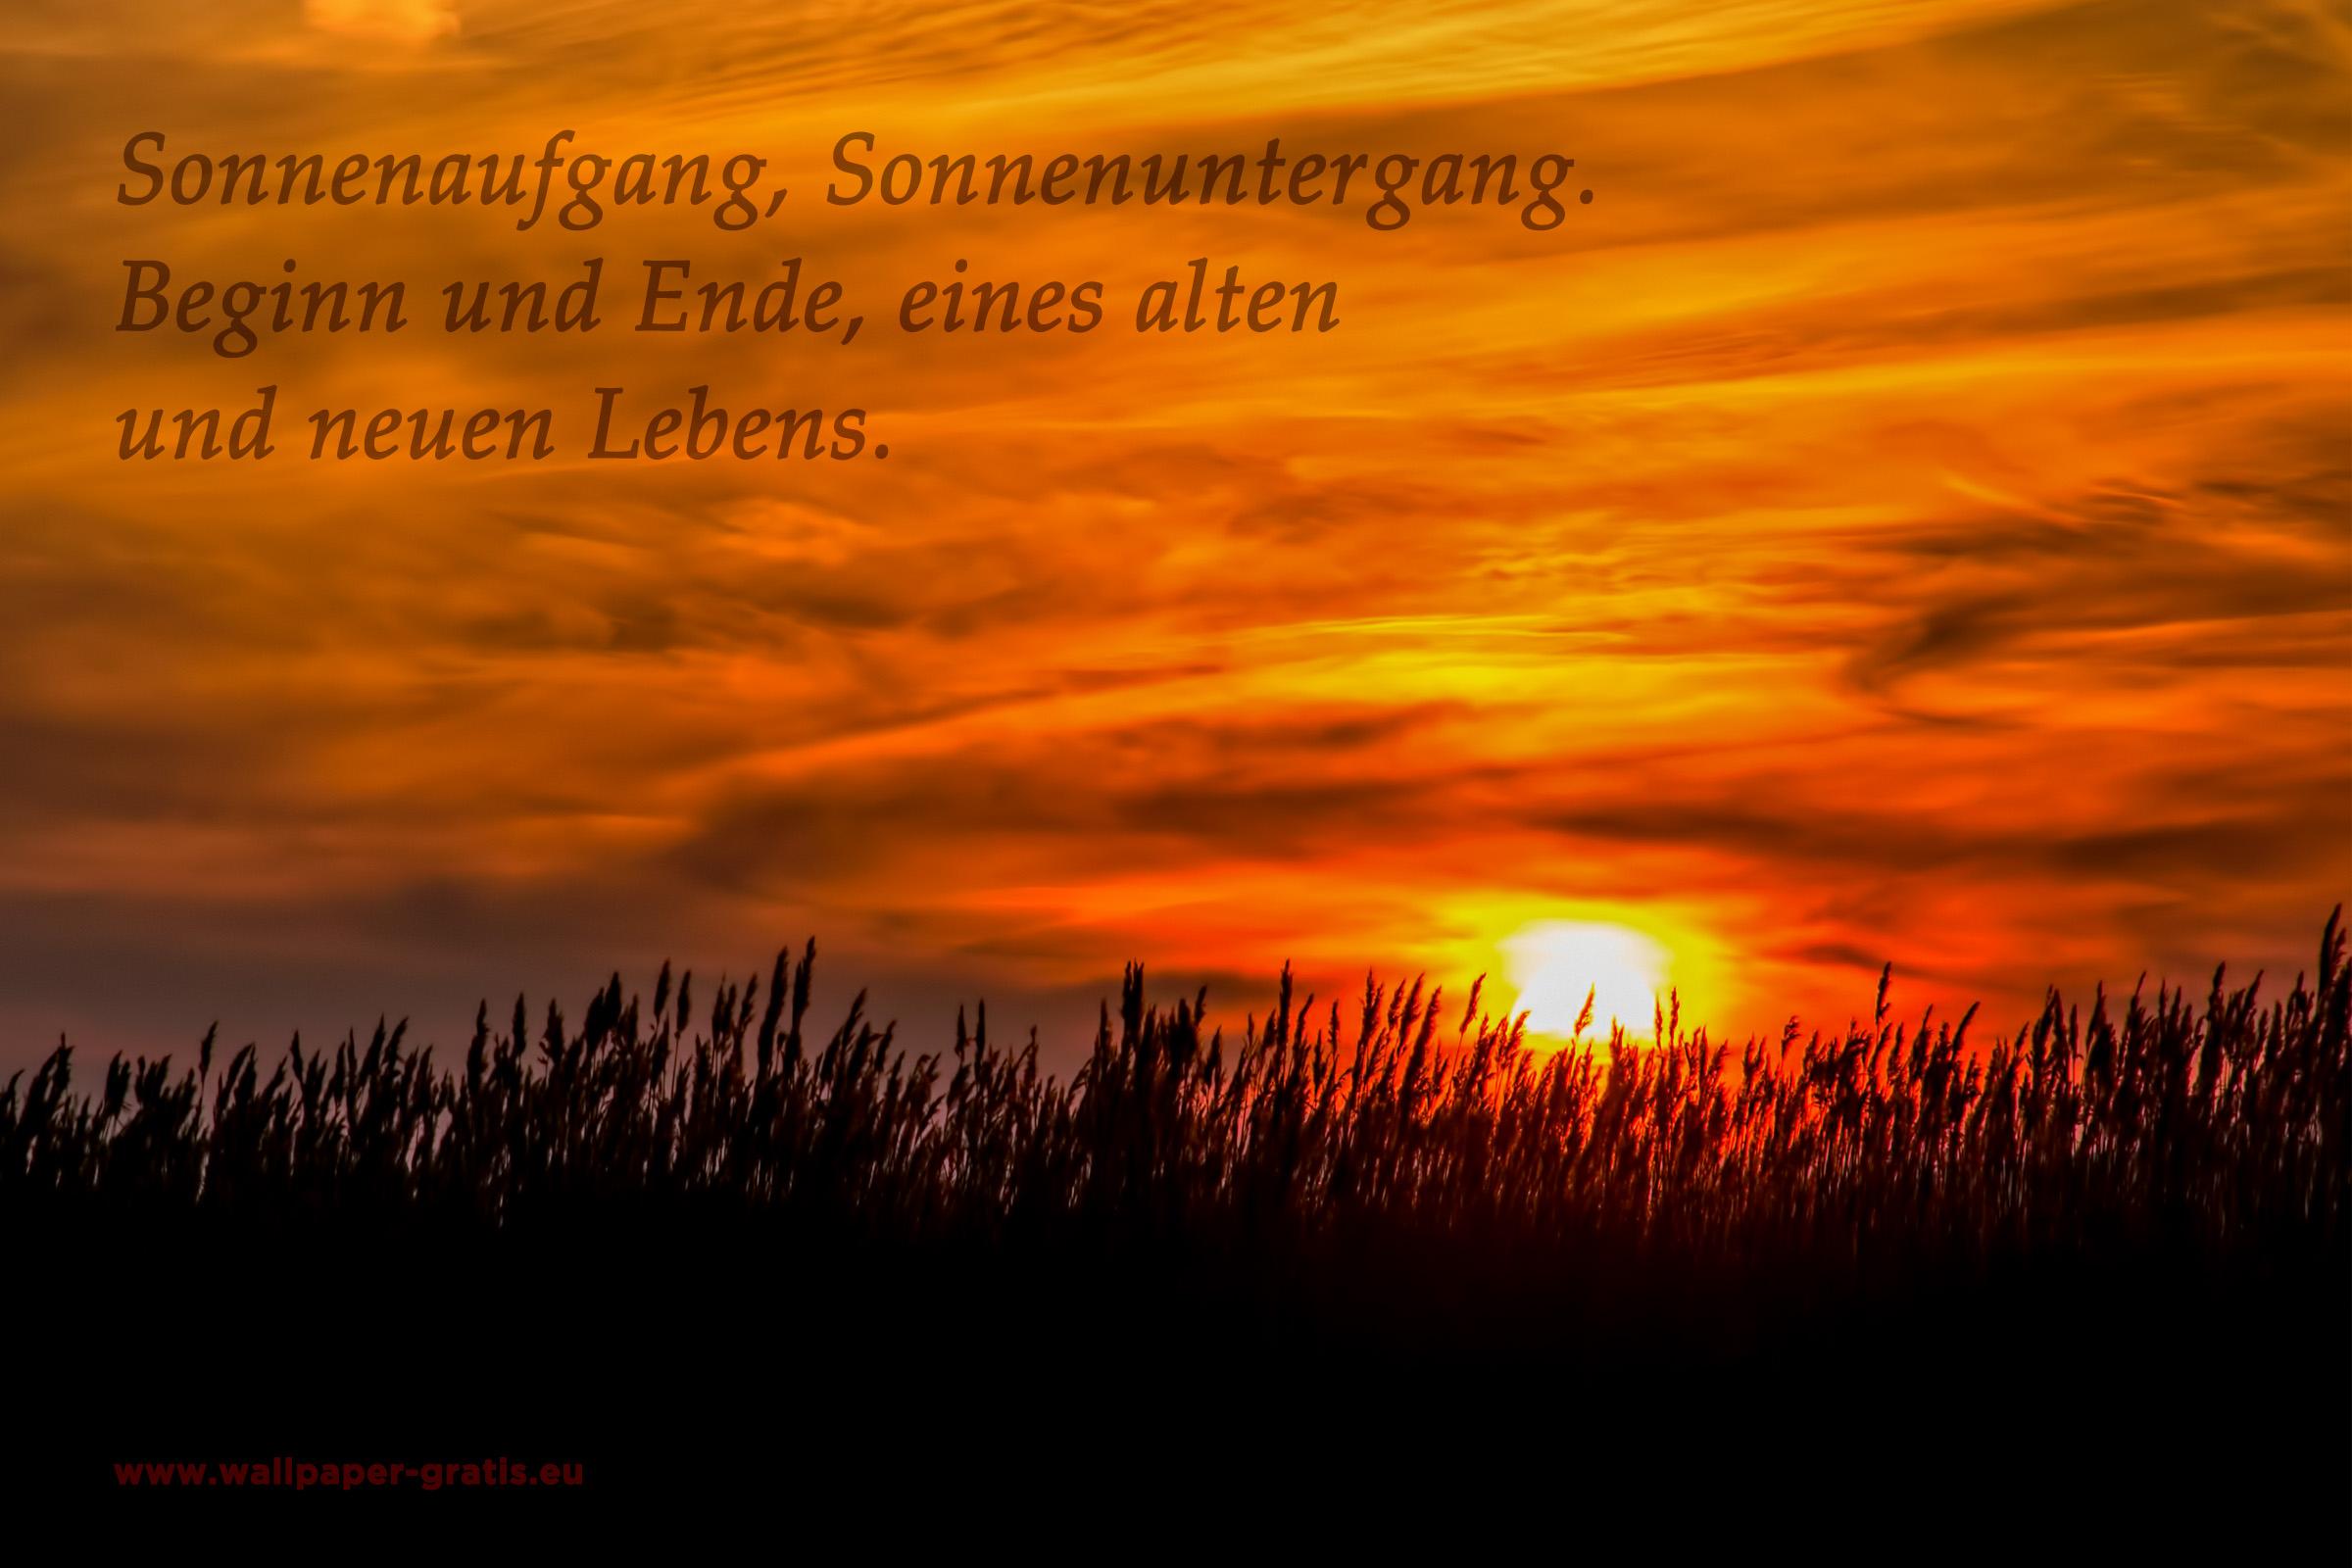 sonnenuntergang sprüche englisch Zitate   Sonnenuntergang   kostenlose Bilder sonnenuntergang sprüche englisch